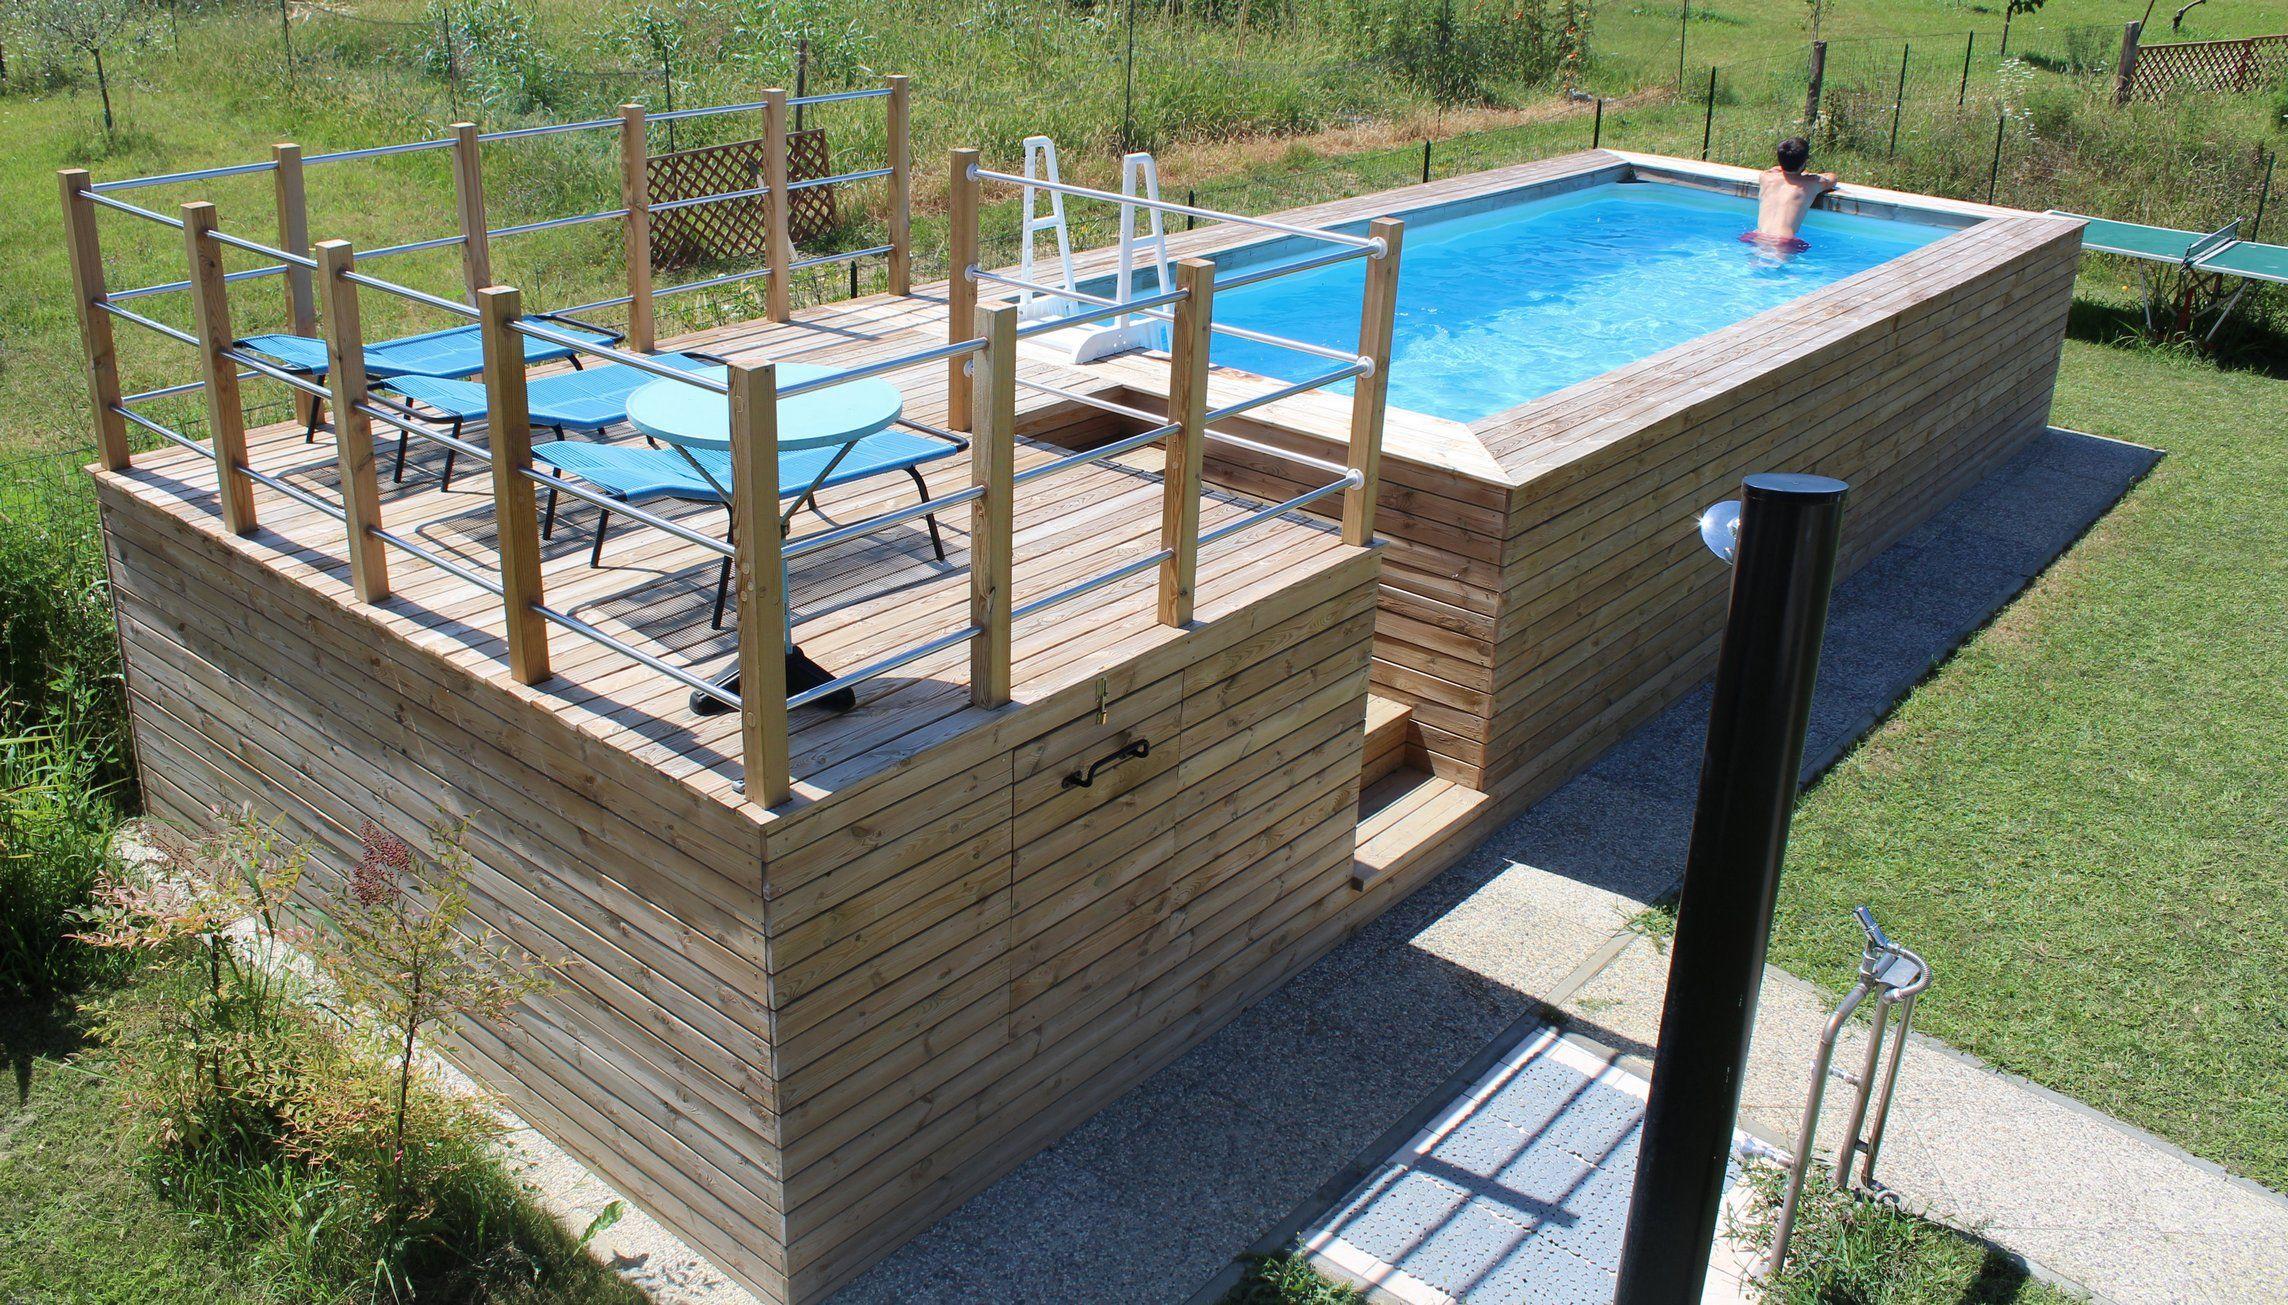 Piscine Da Esterno Rivestite In Legno piscina fuori terra con soppalco rivestita in legno di abete